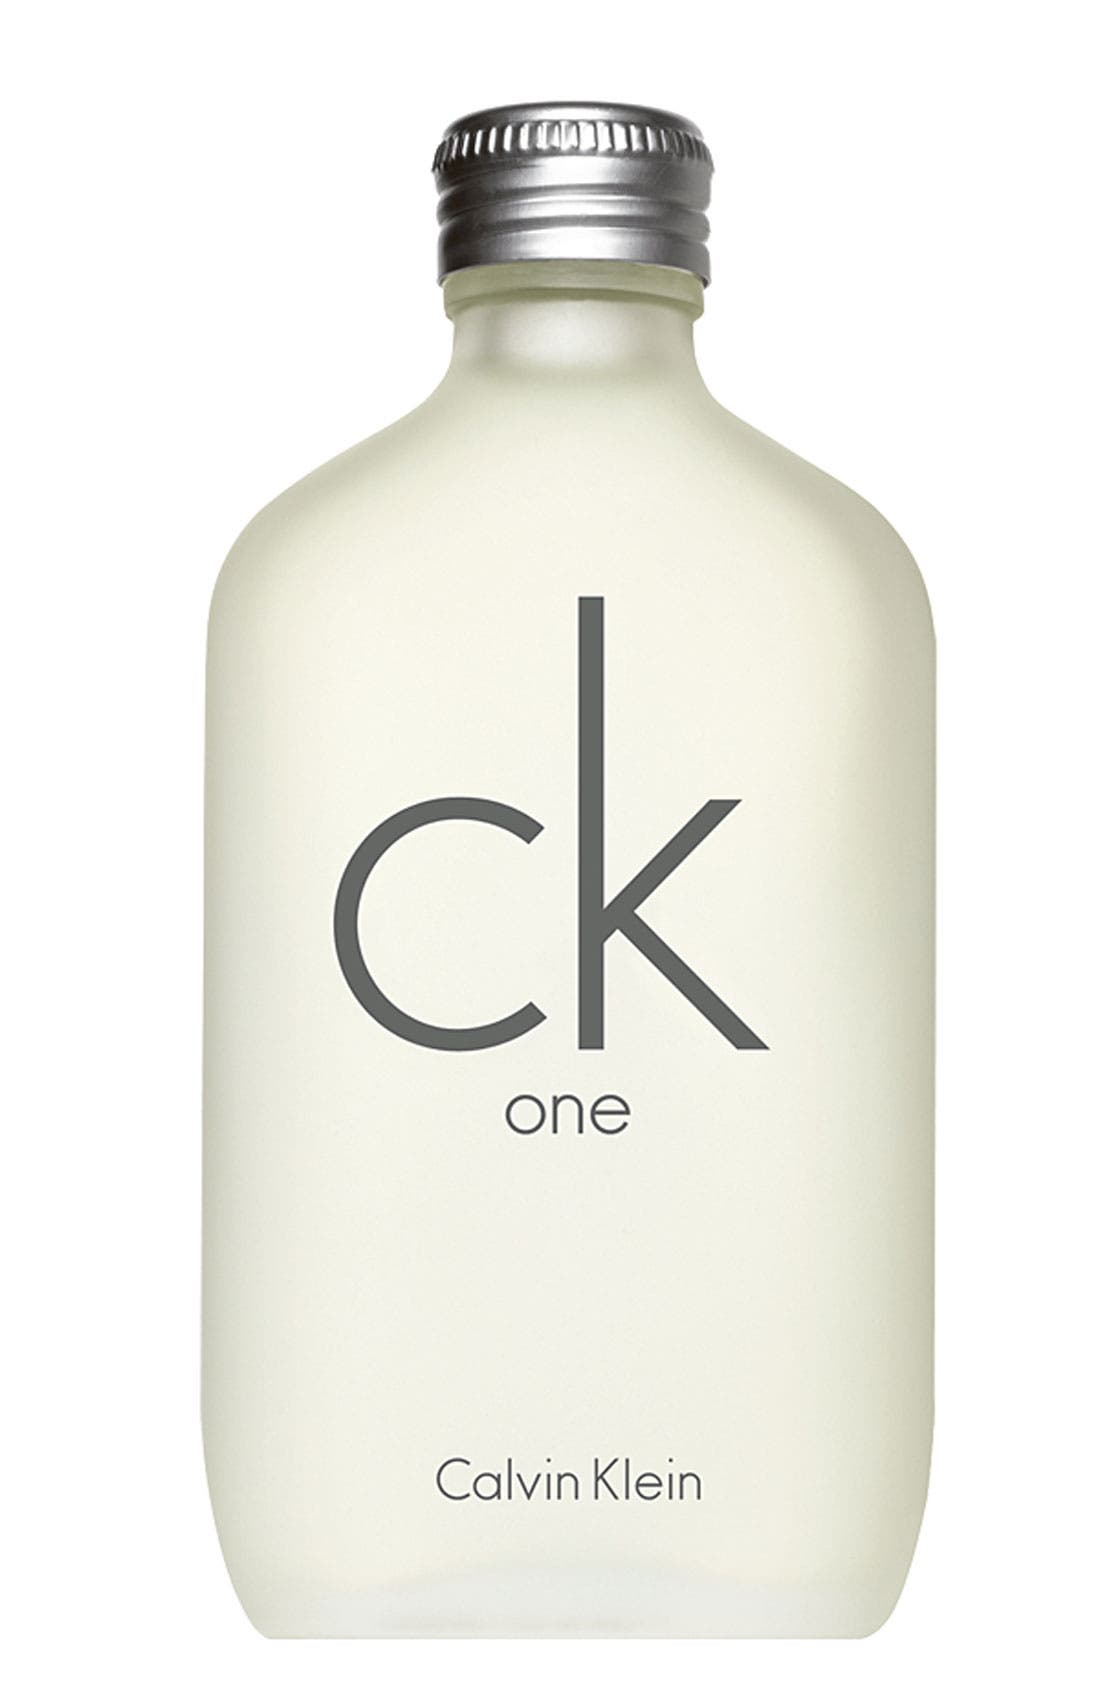 ck one by Calvin Klein Eau de Toilette,                         Main,                         color, 000